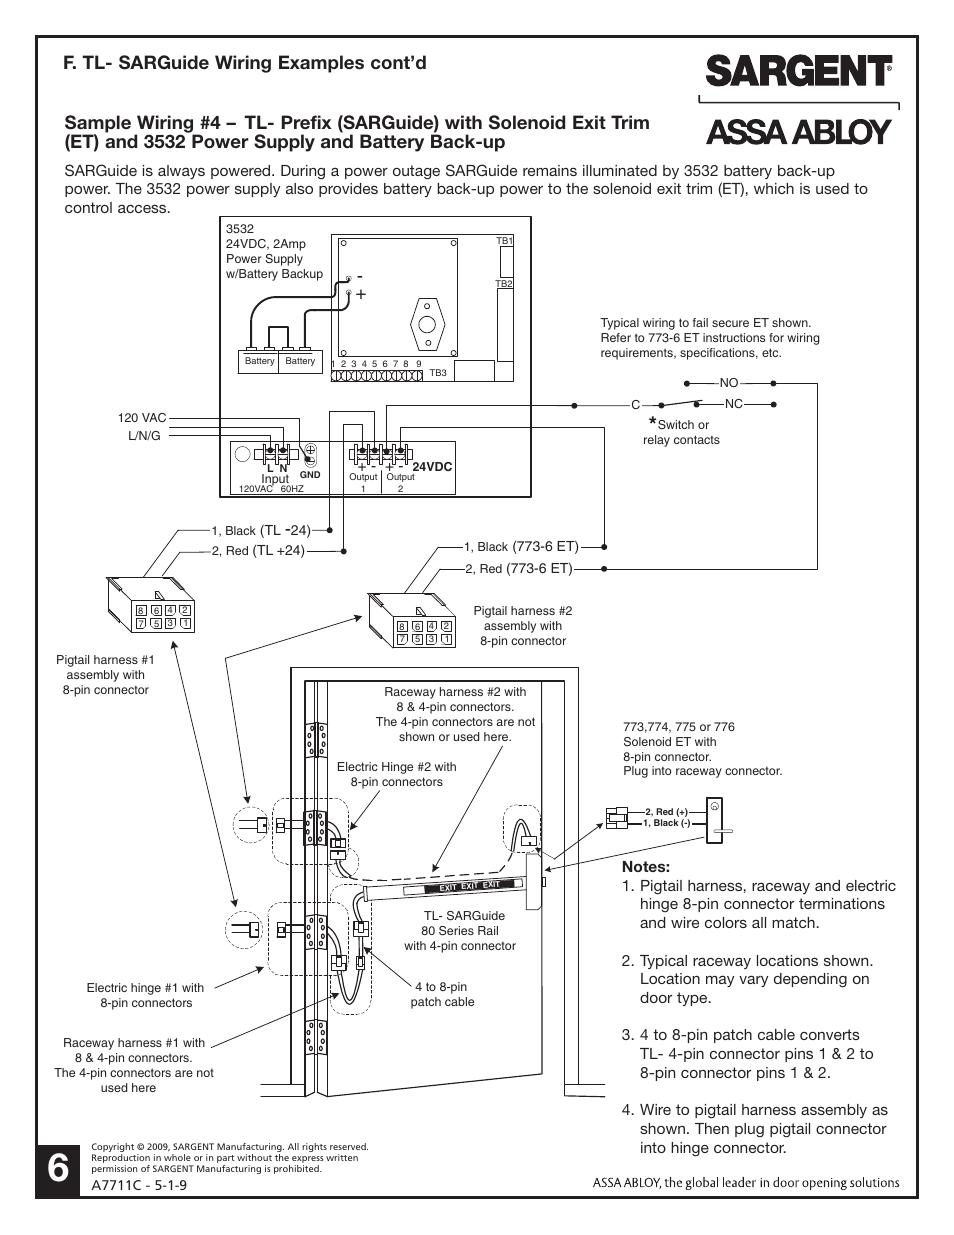 f  tl- sarguide wiring examples cont'd | sargent al - alarmed exit